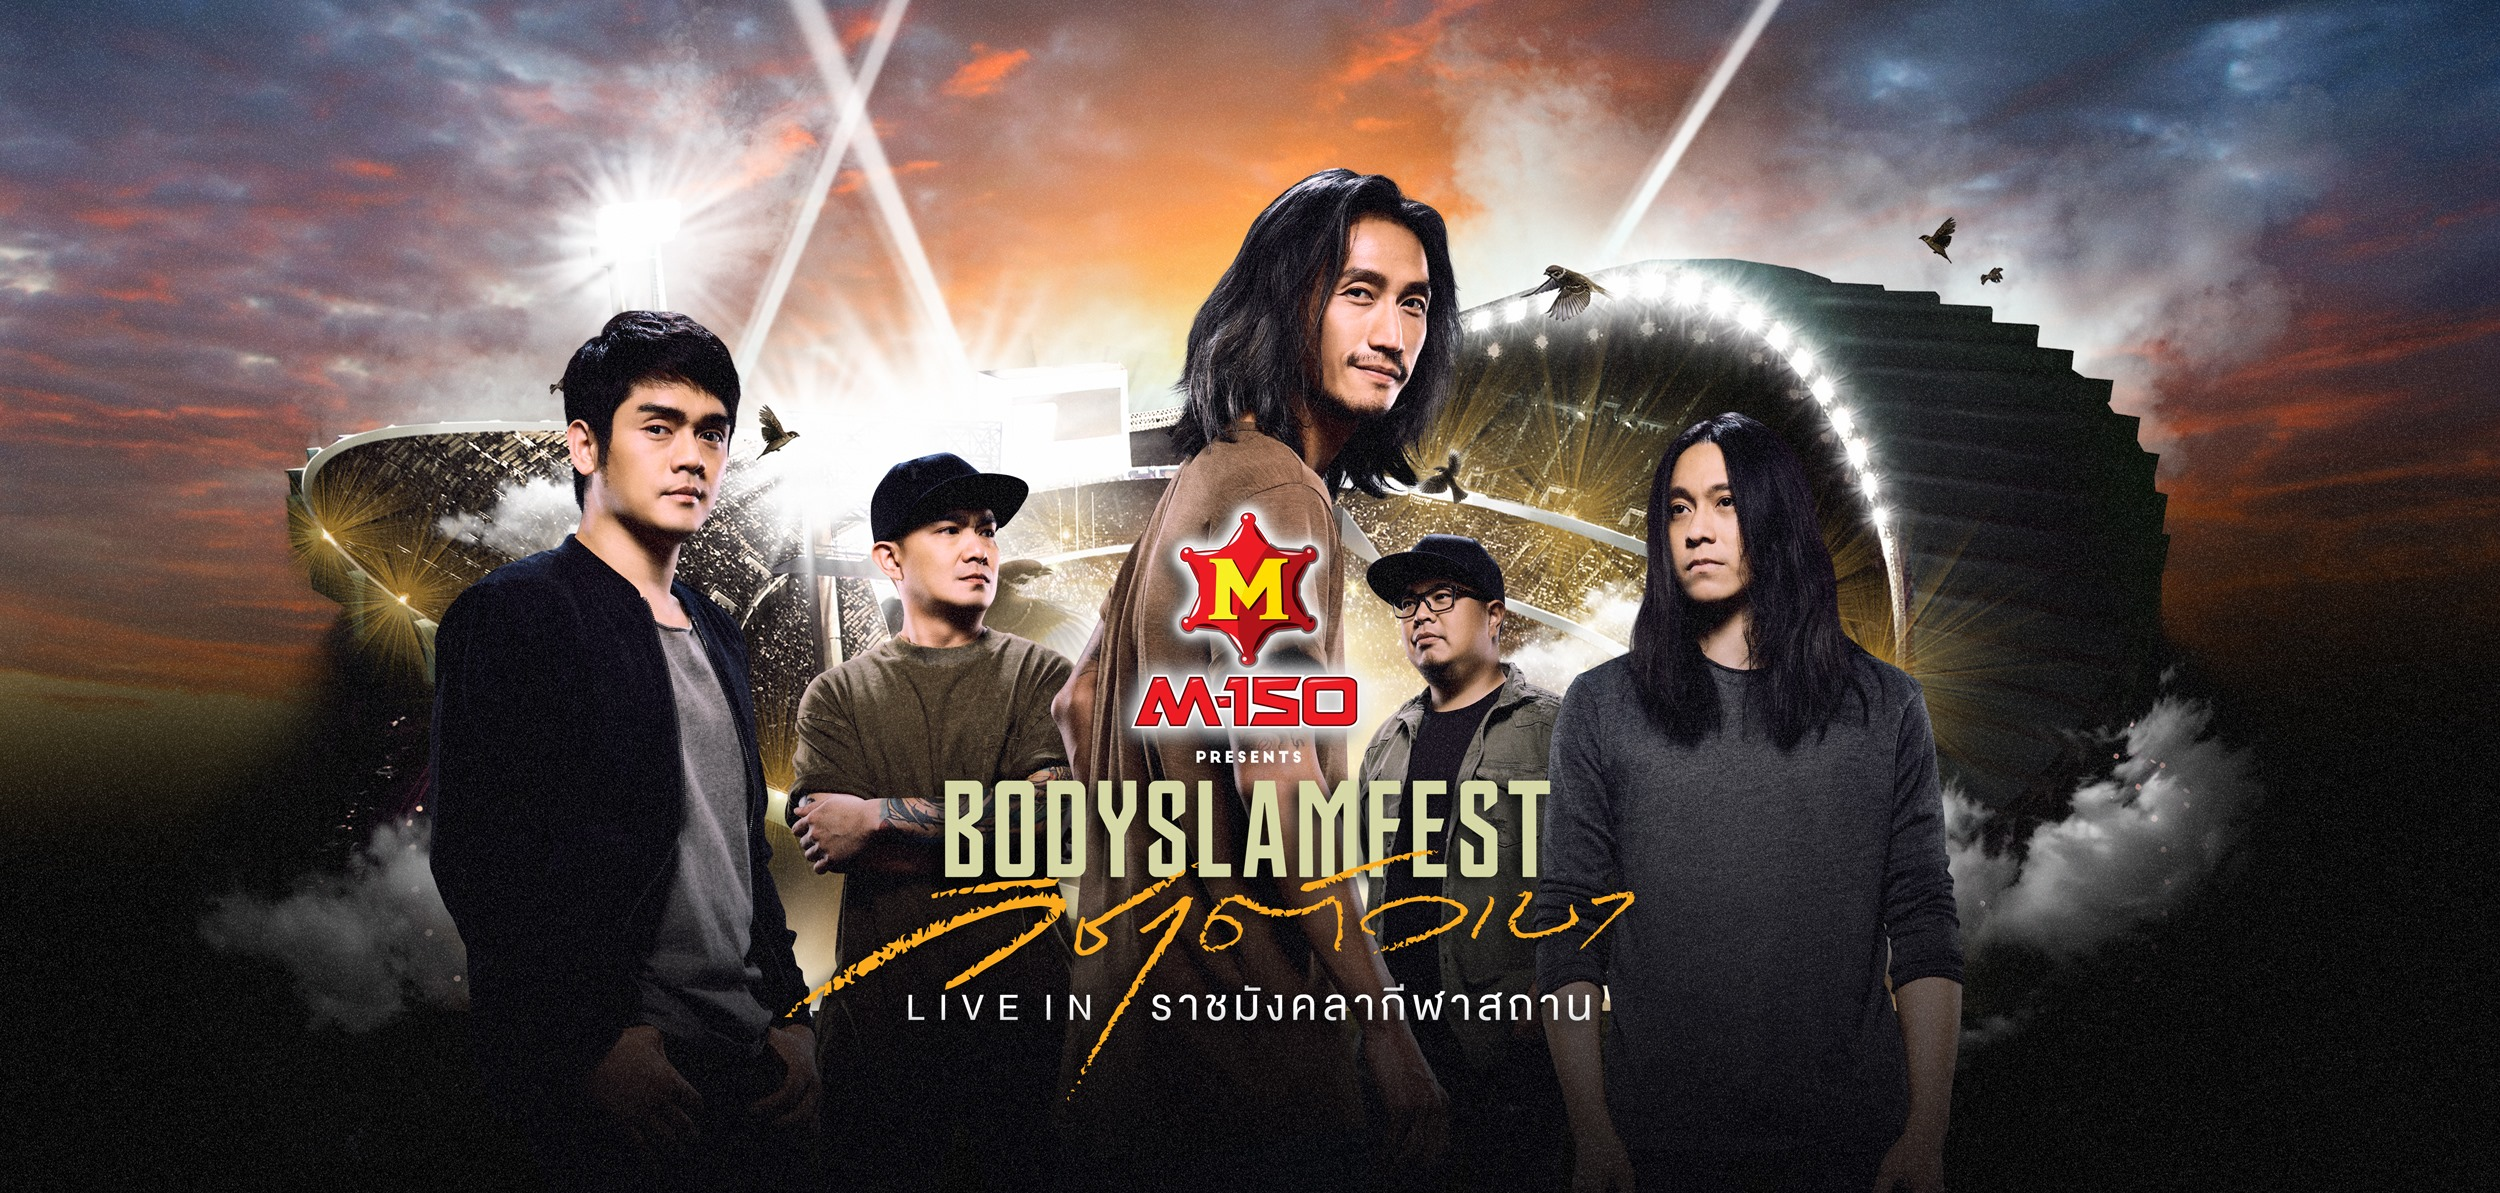 BODYSLAM FEST วิชาตัวเบา 9 - 10 กุมภาพันธ์ 2562 ราชมังคลากีฬาสถาน